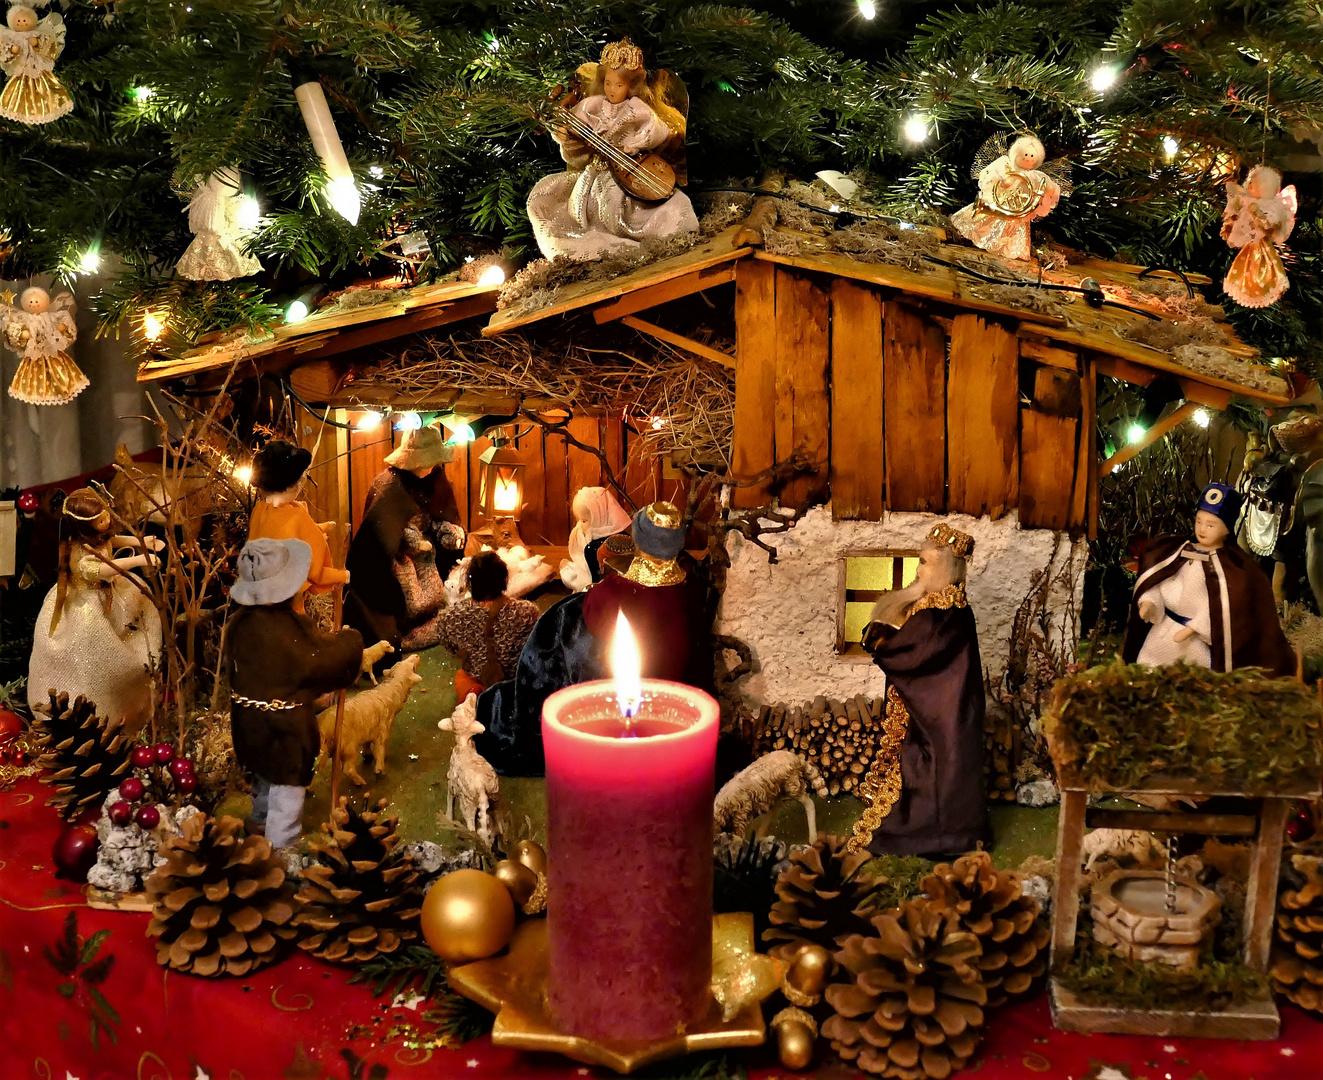 unsere krippe unterm weihnachtsbaum foto bild. Black Bedroom Furniture Sets. Home Design Ideas